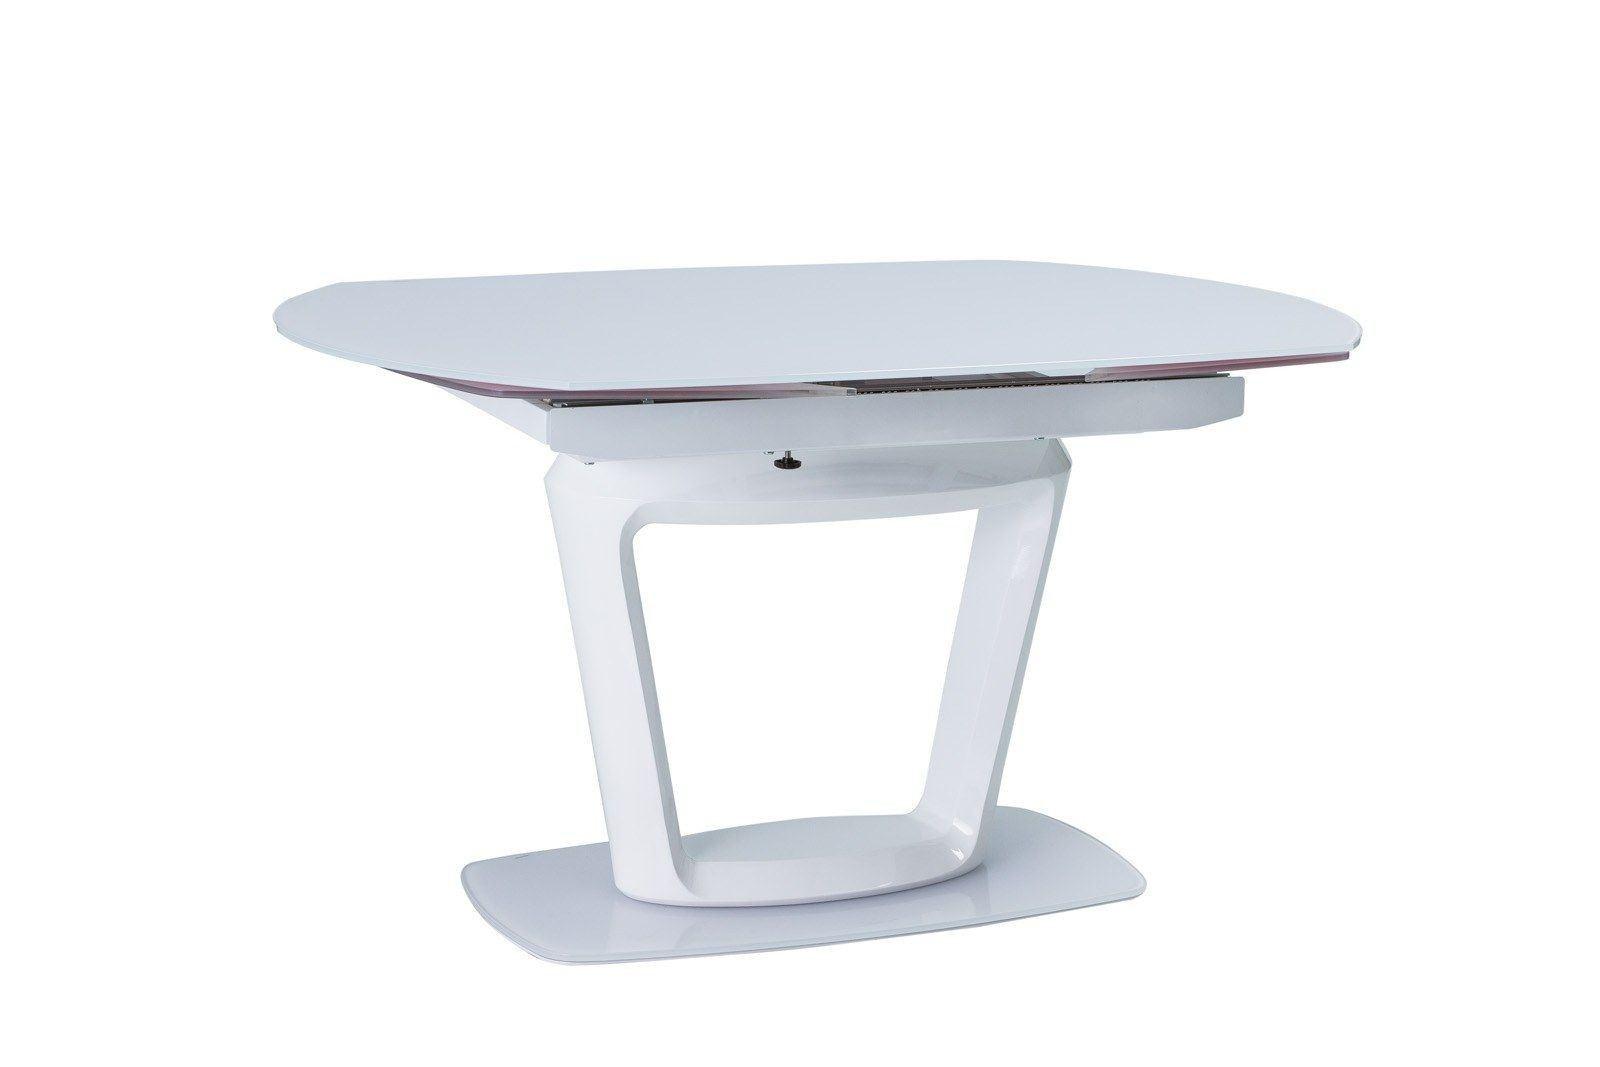 Outdoorküche Klappbar Vergleich : Tischplatte outdoor küche. spritzschutz küche youtube wasserhahn